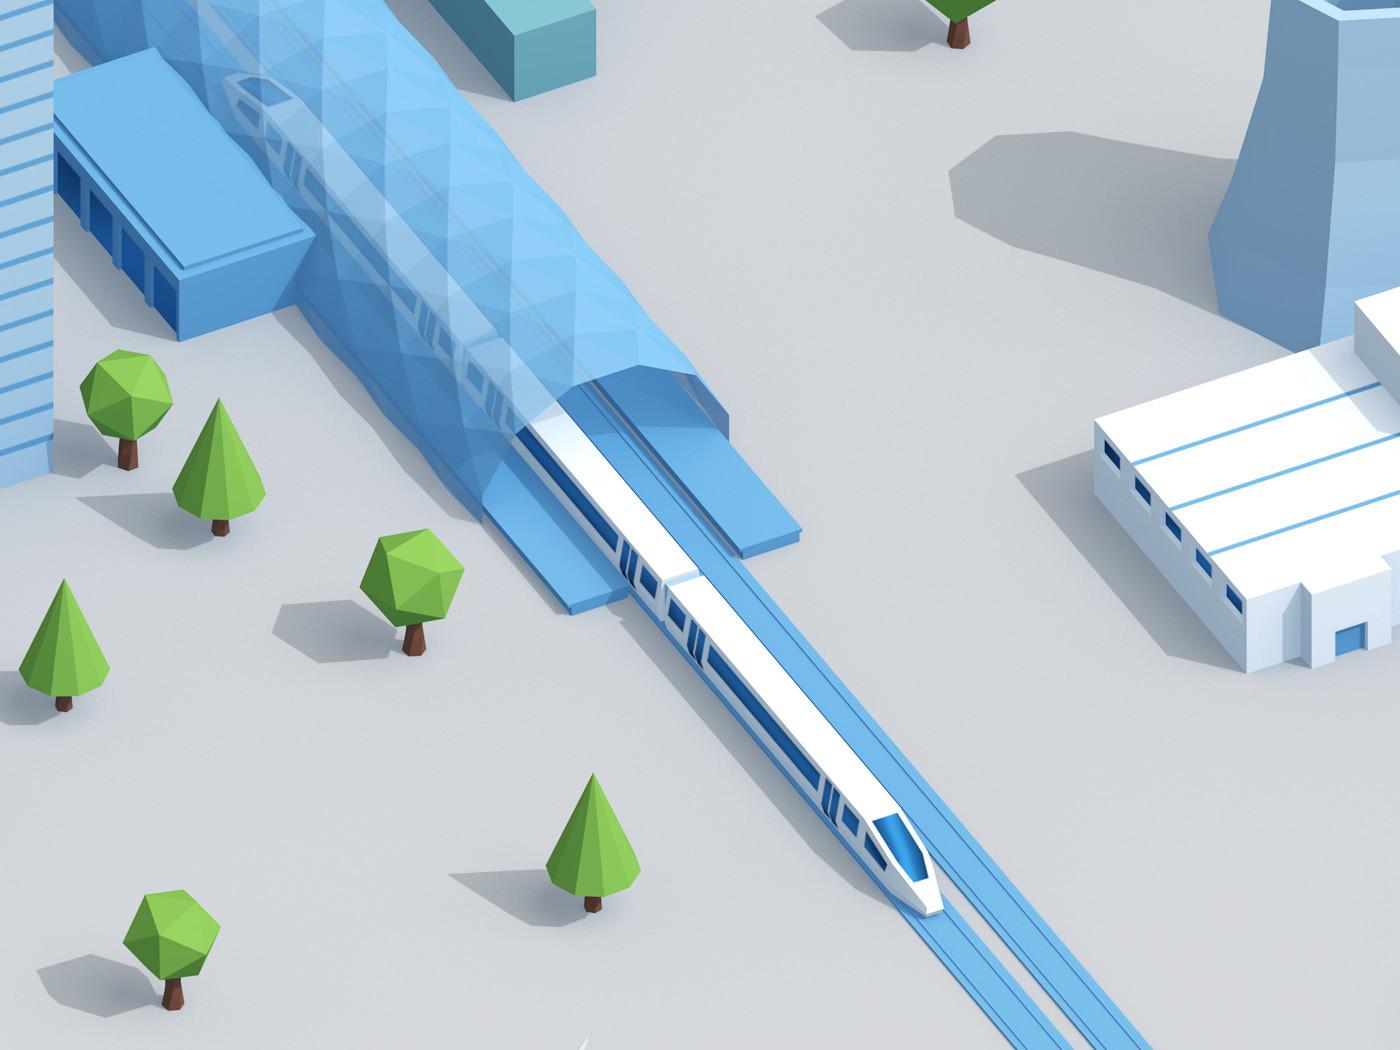 stadt-infrastruktur-illustration.jpg